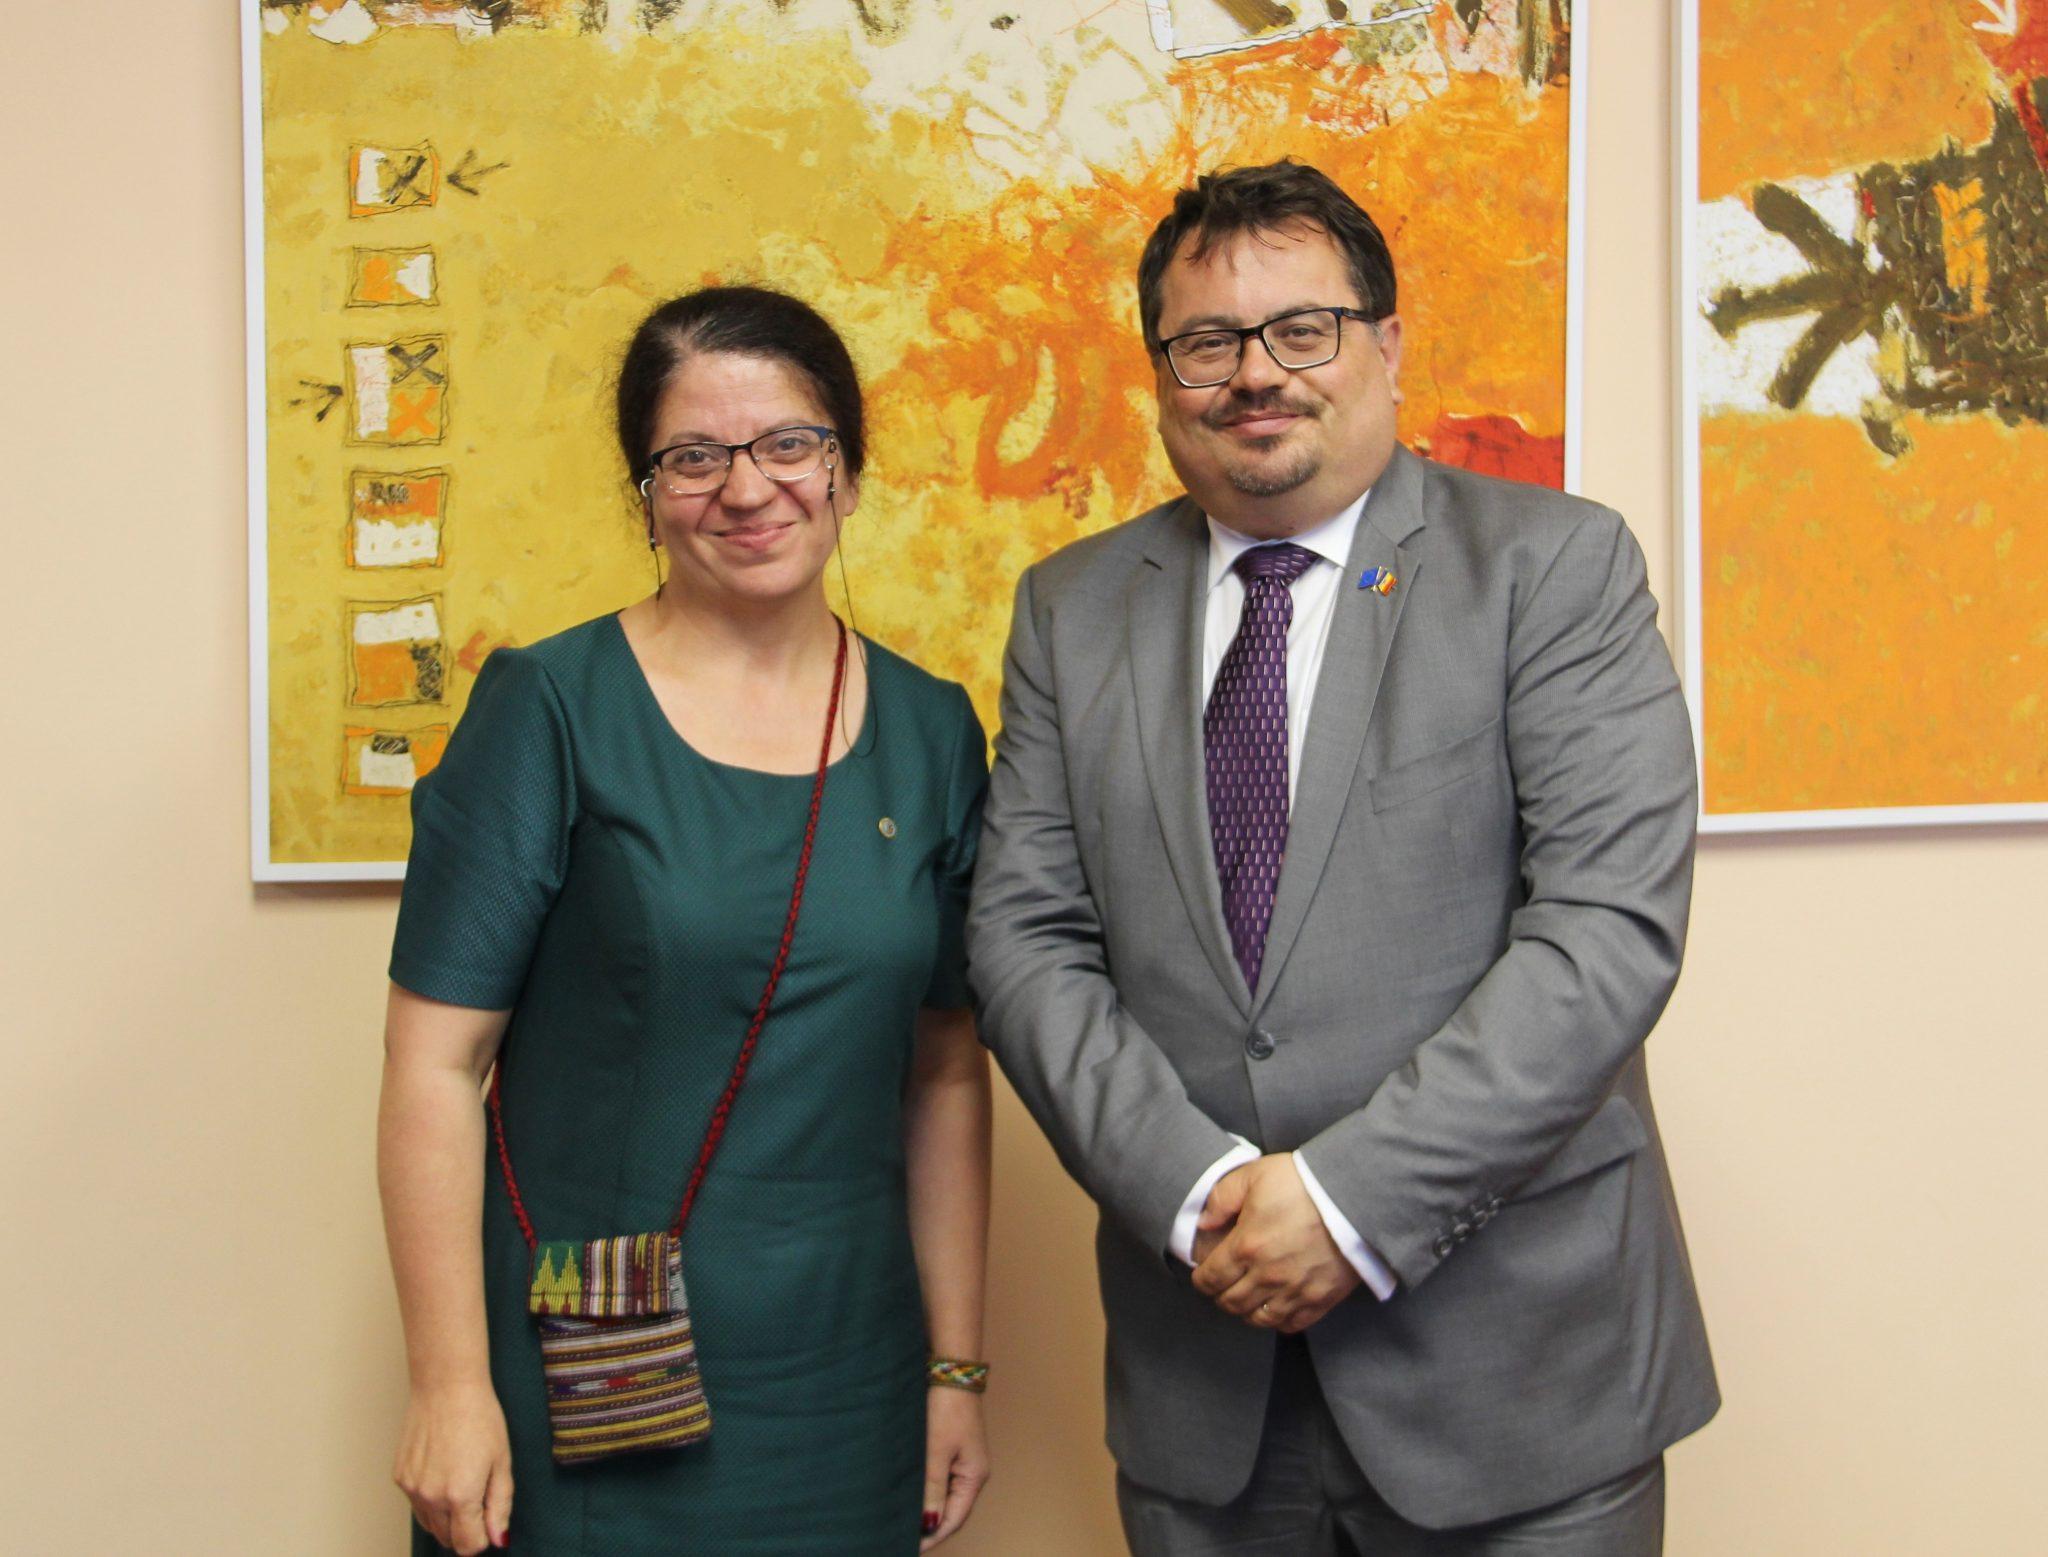 Uniunea Europeană va continua să sprijine Republica Moldova în domeniul educației, culturii și cercetării